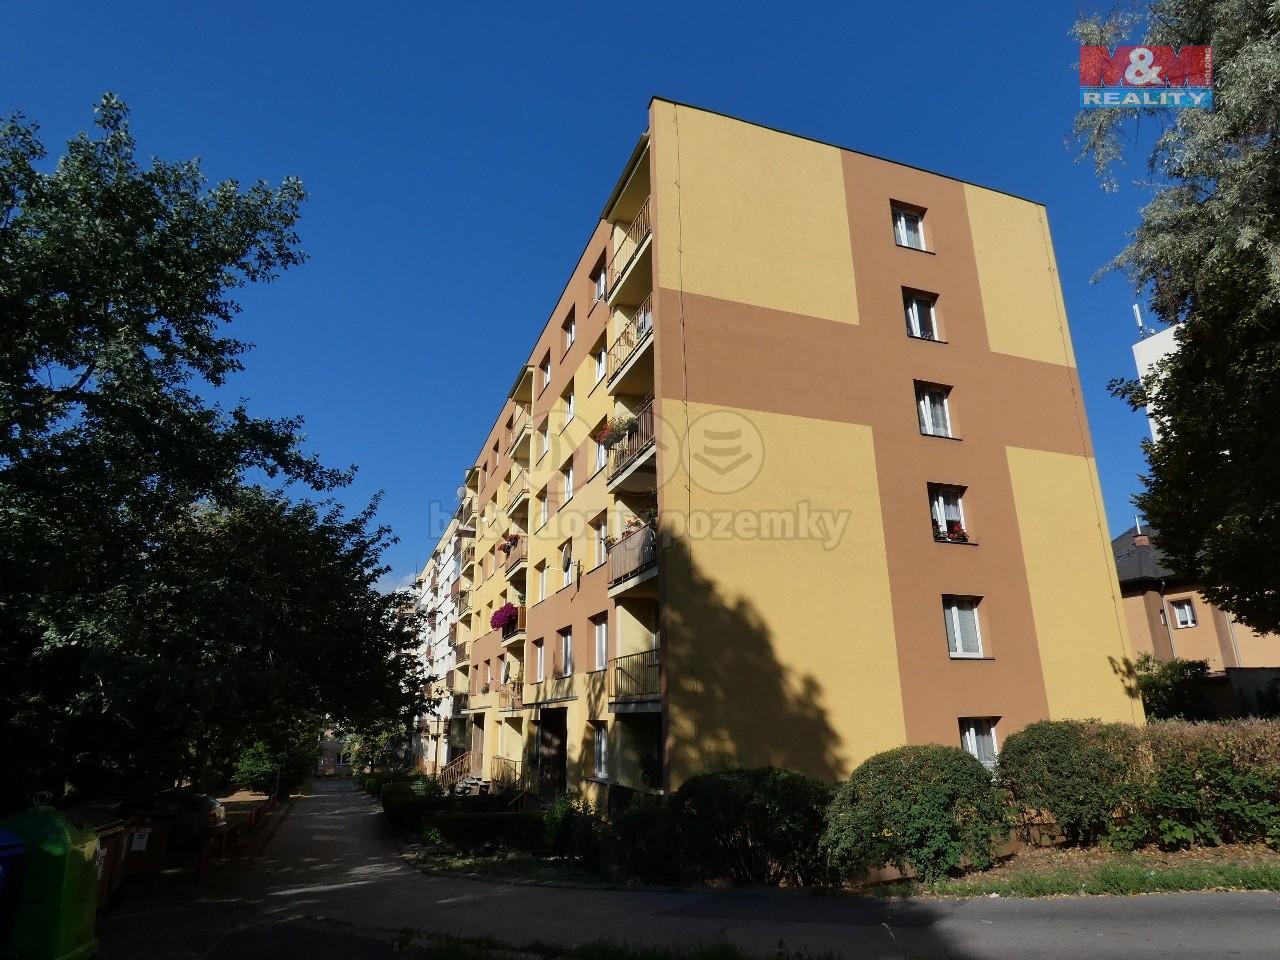 Prodej, byt 1+1, 35 m2, OV, Ústí nad Labem, ul. Hornická